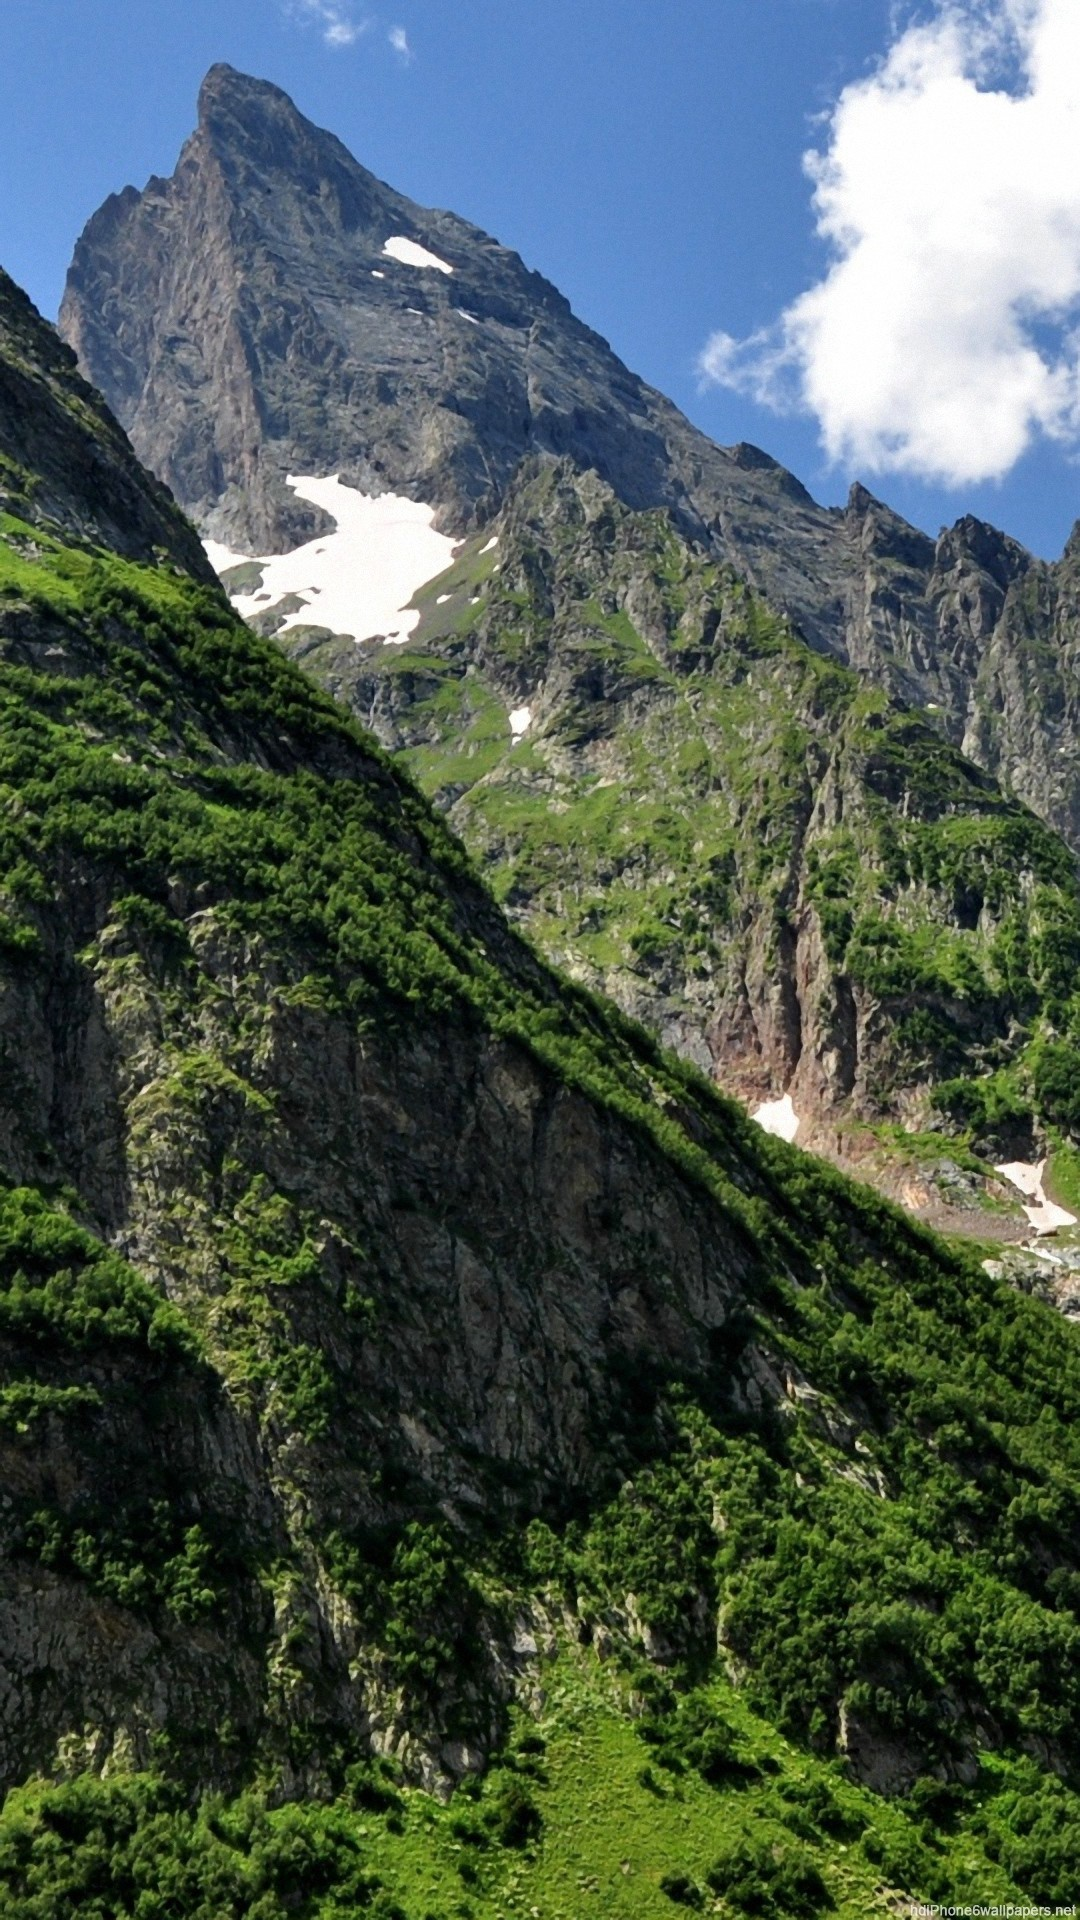 HD mountain grass sky nature iphone 6 wallpaper